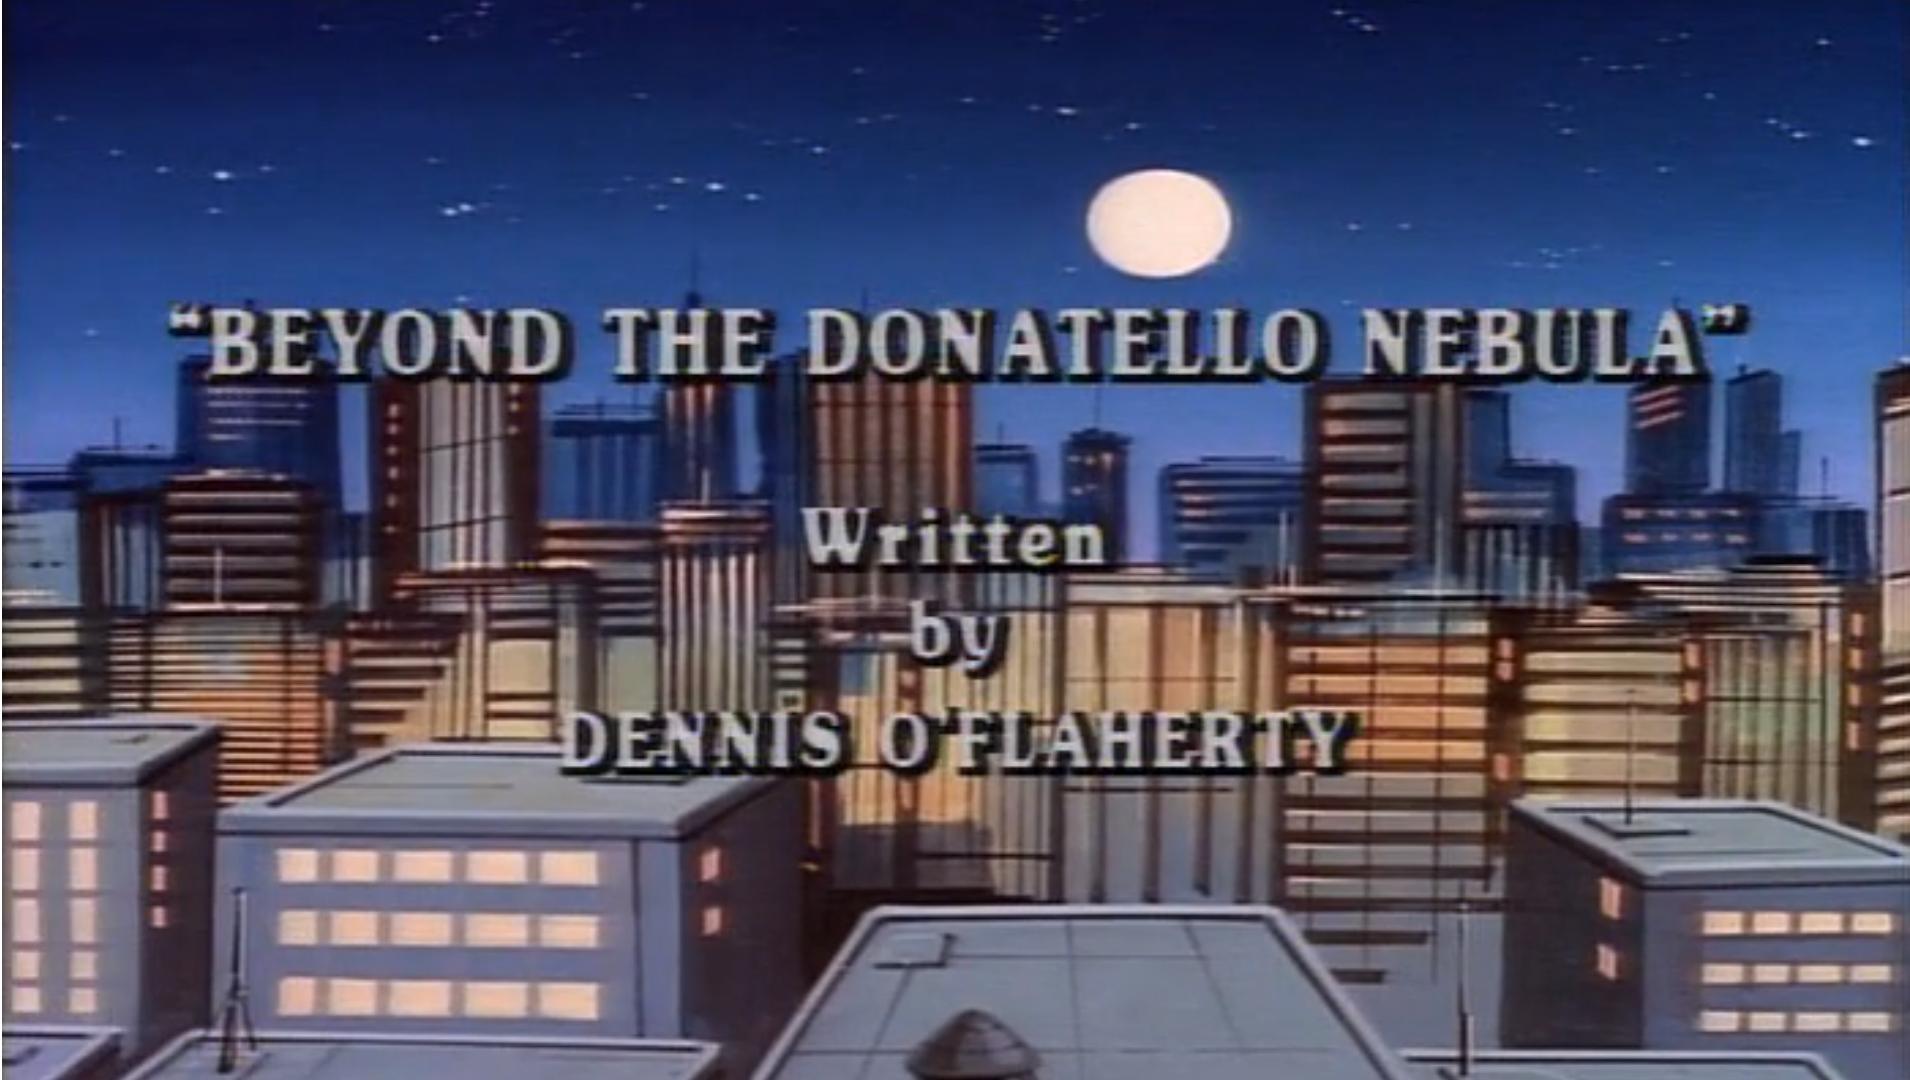 Beyond the Donatello Nebula